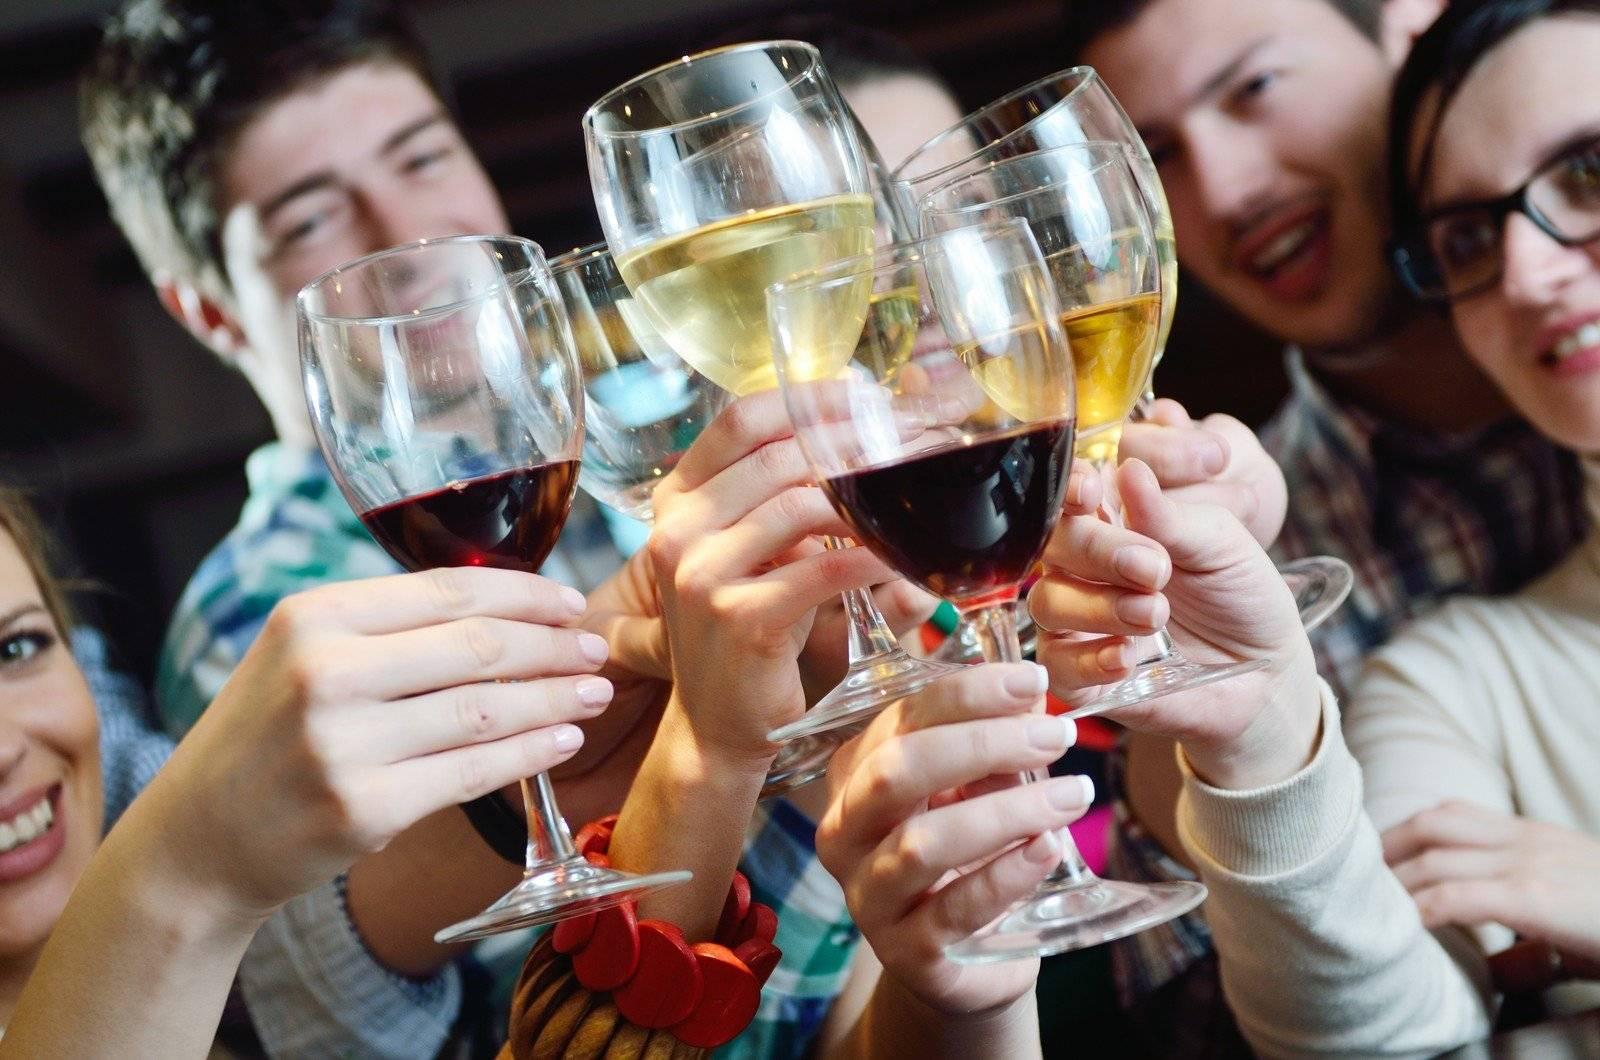 Как пить так чтобы не пьянеть. как не опьянеть от алкоголя — эффективные методы